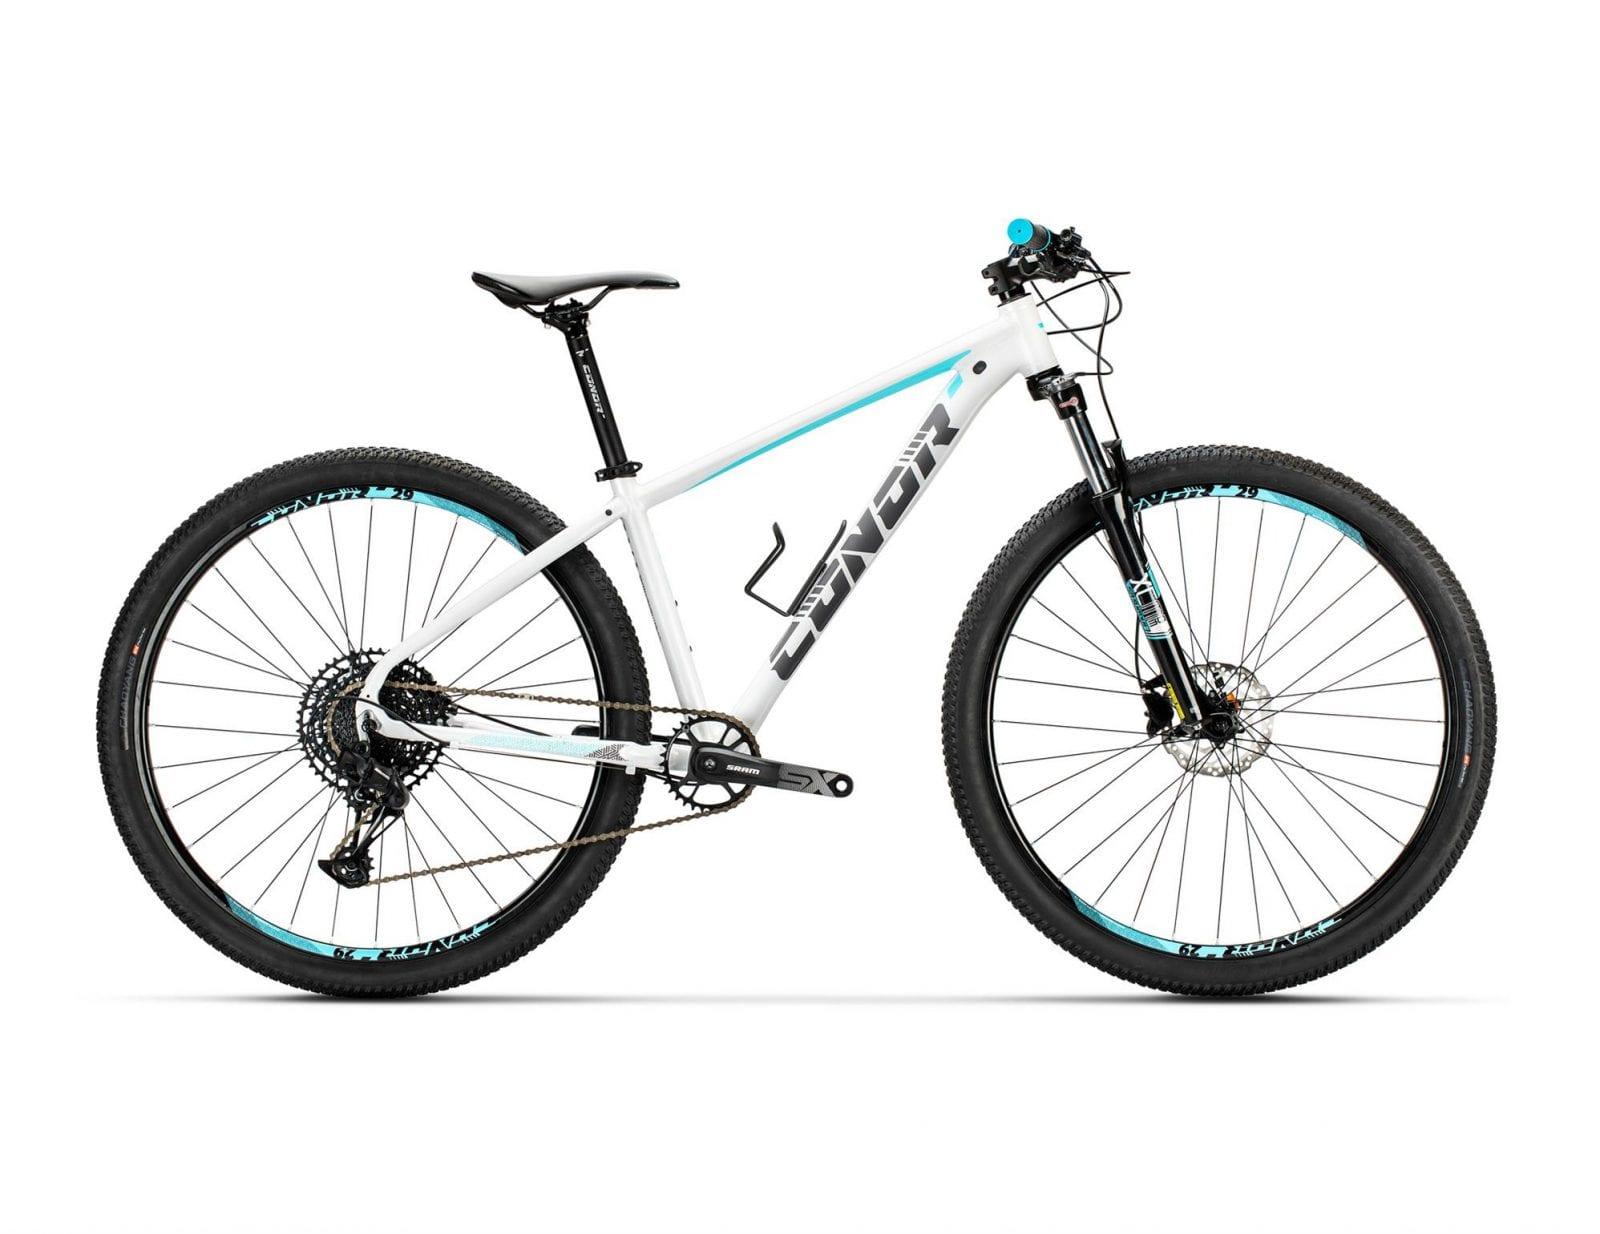 010770grmd_0_vuk_bikes